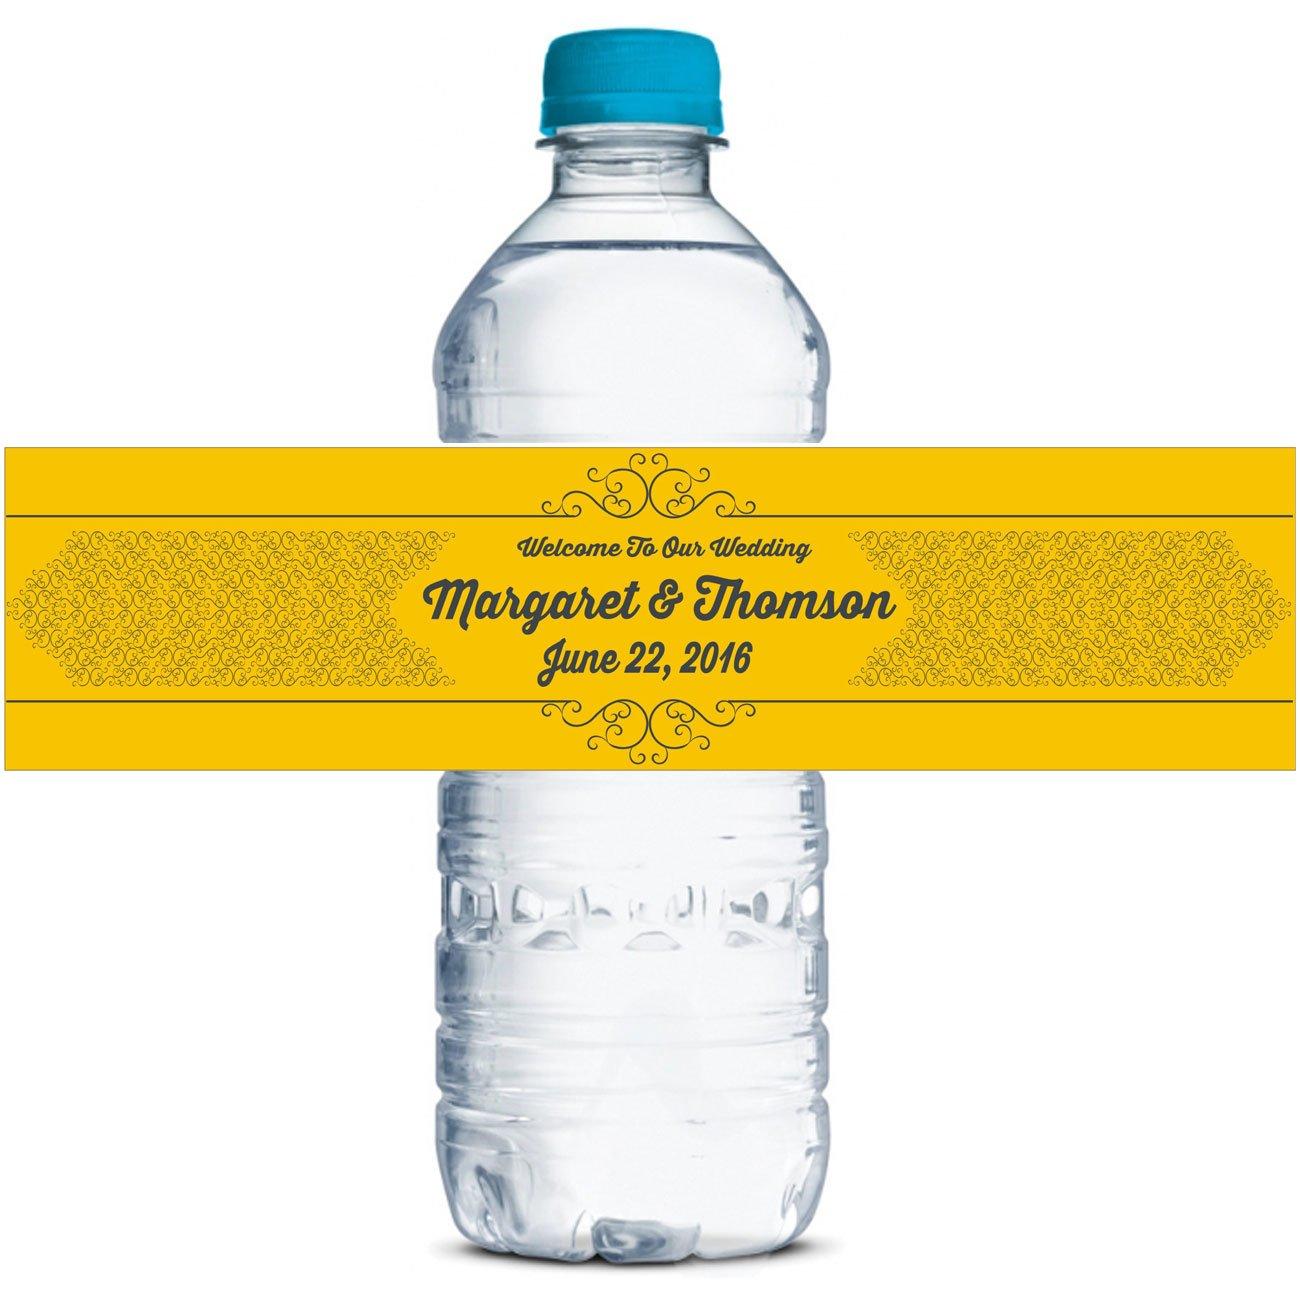 Brauchwasserflaschenetiketten Klebstoff wasserdicht personalisierte Hochzeit Aufkleber 8 8 8  x 2  Zoll - 40 Etiketten B012SJ2QOI | Fierce Kaufen  3fd7fc